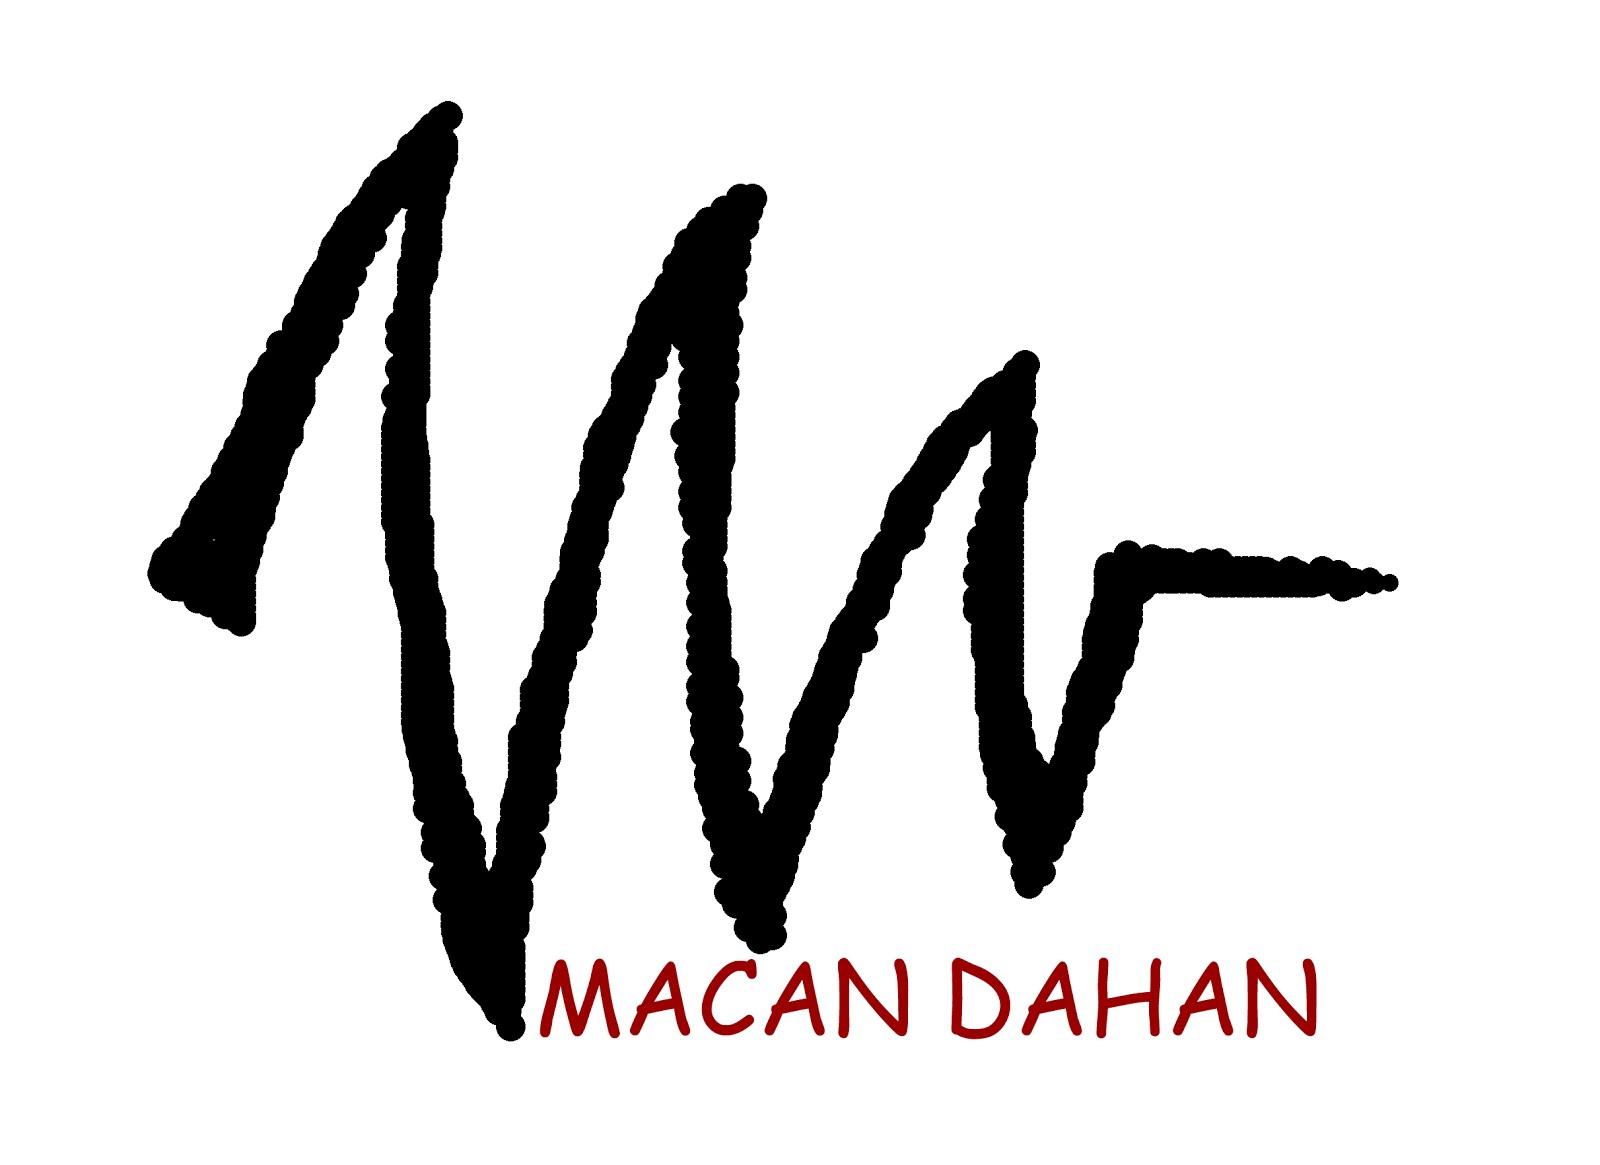 MACAN DAHAN